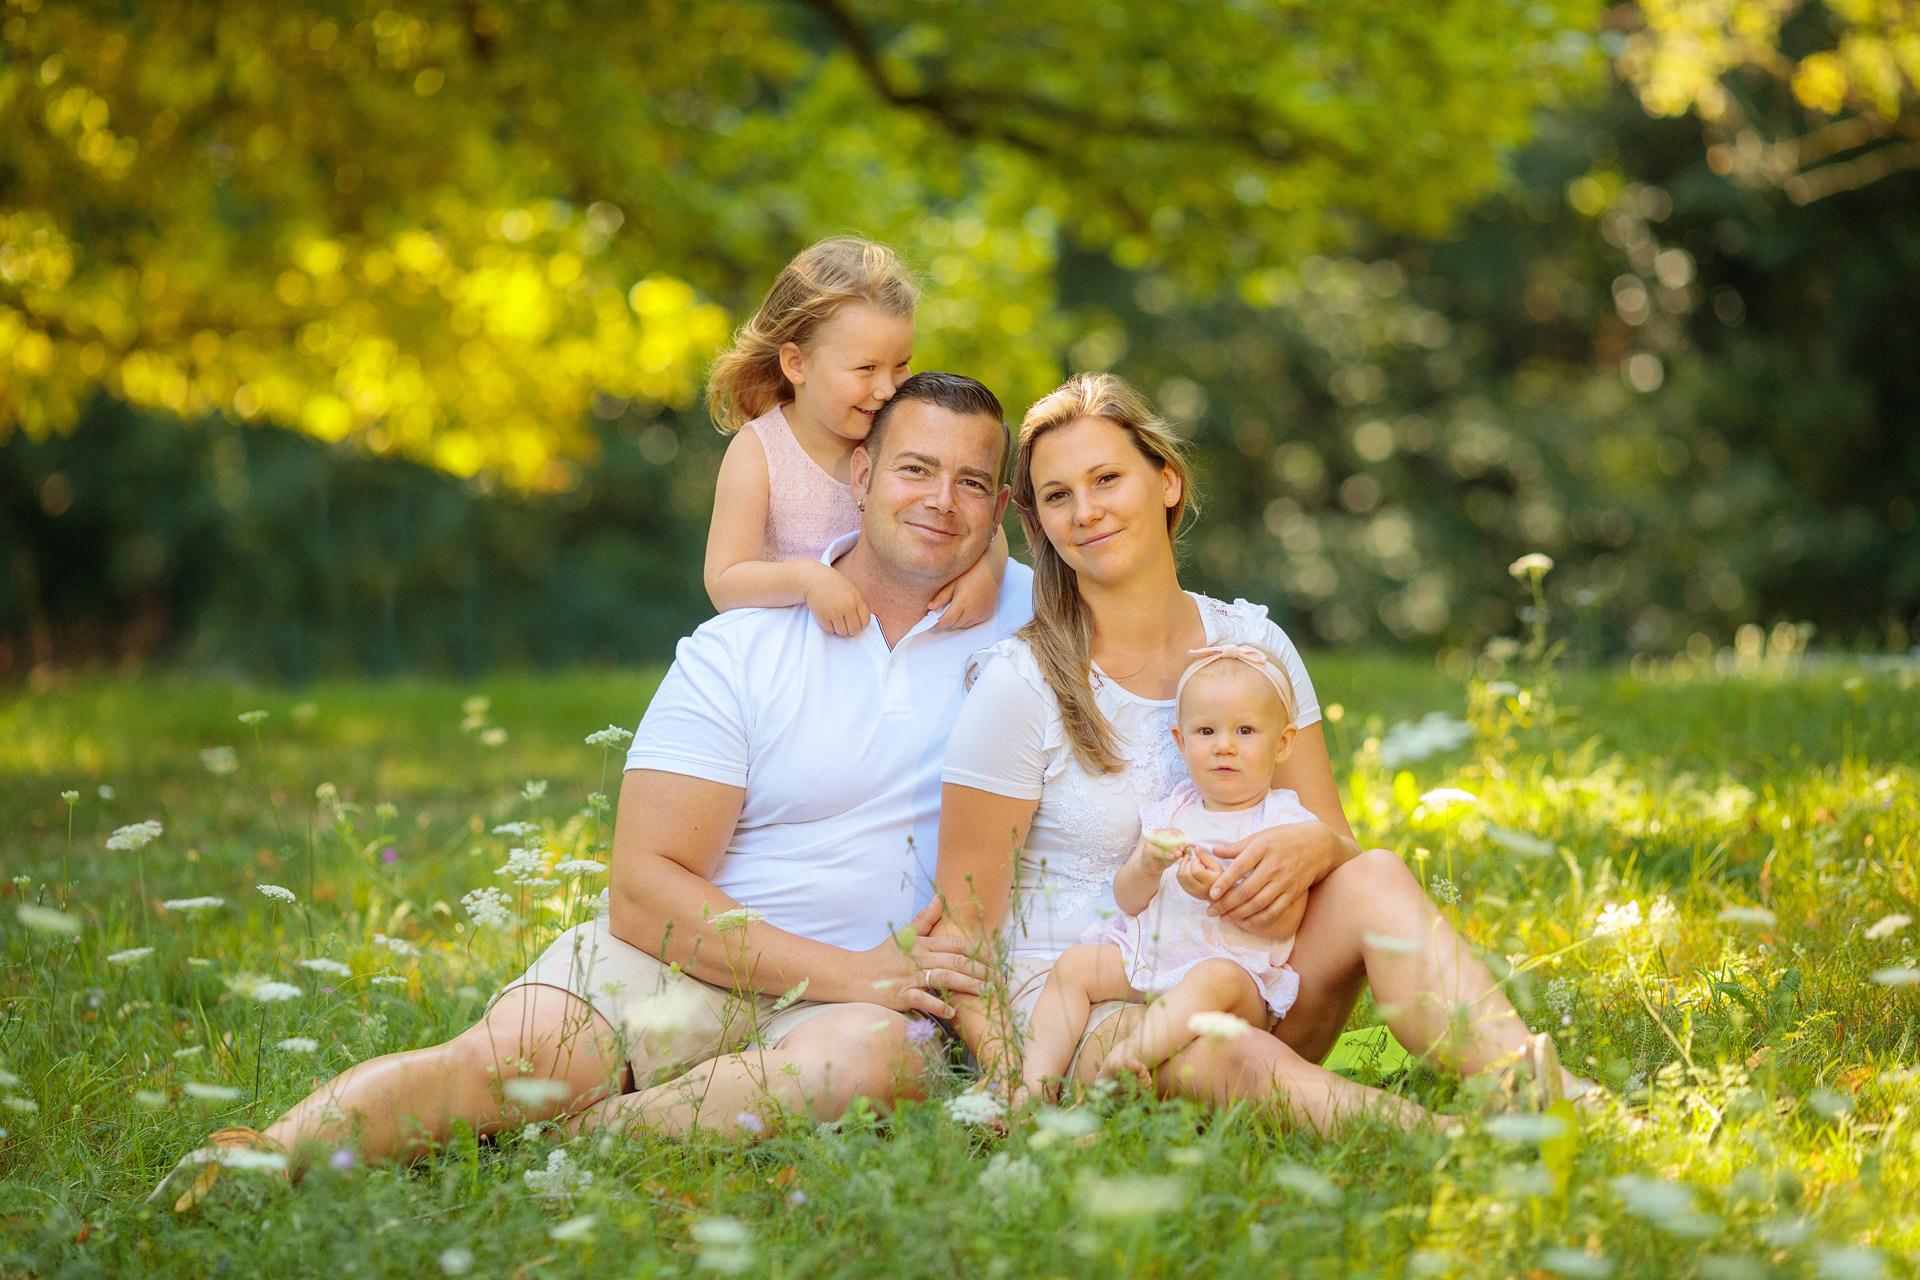 Familie auf Wiese im Sommer im Schlosspark von Potsdam